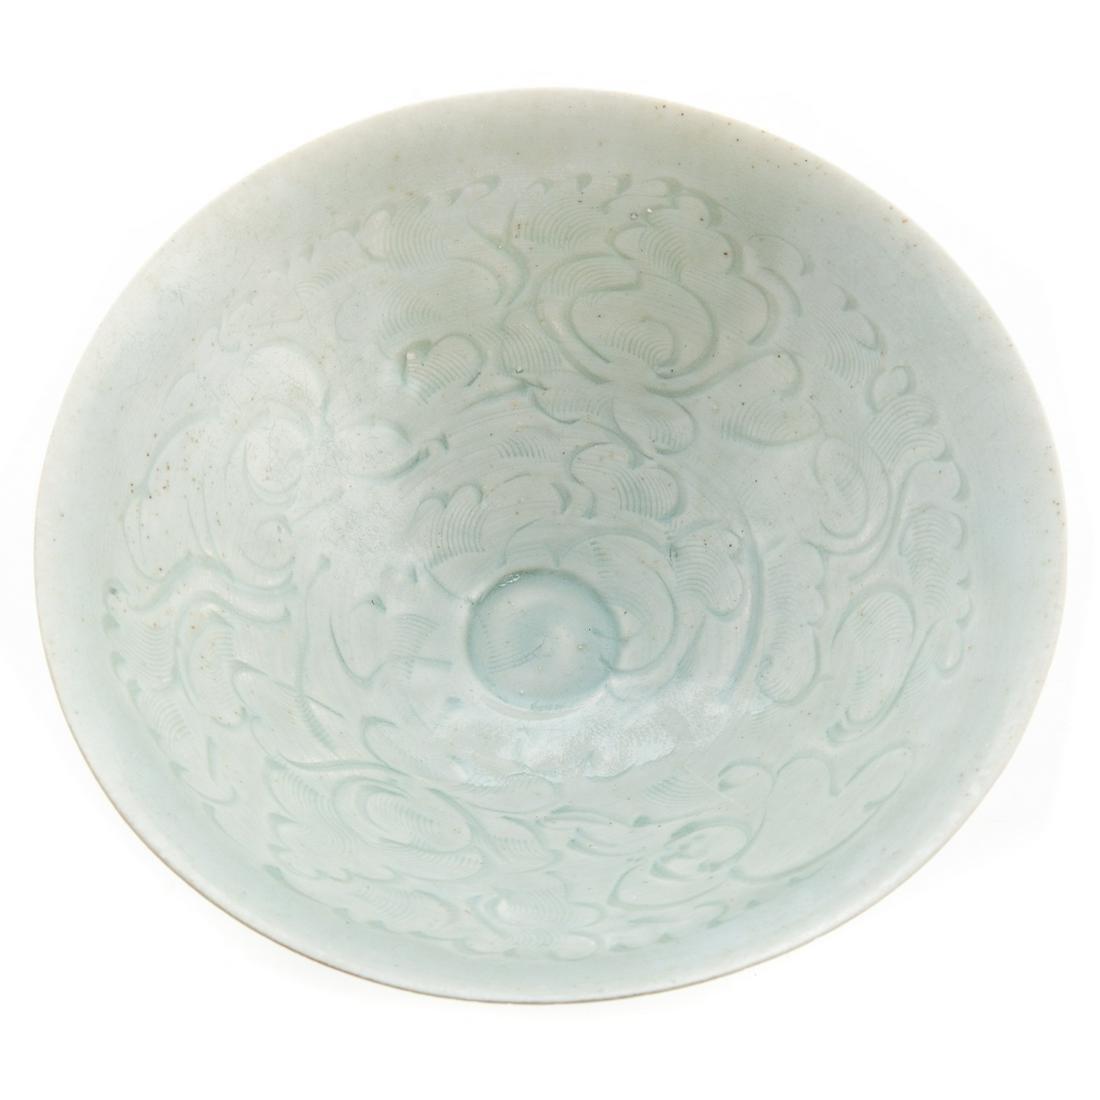 Asian Archaic Chinese Qingbai Porcelain Bowl